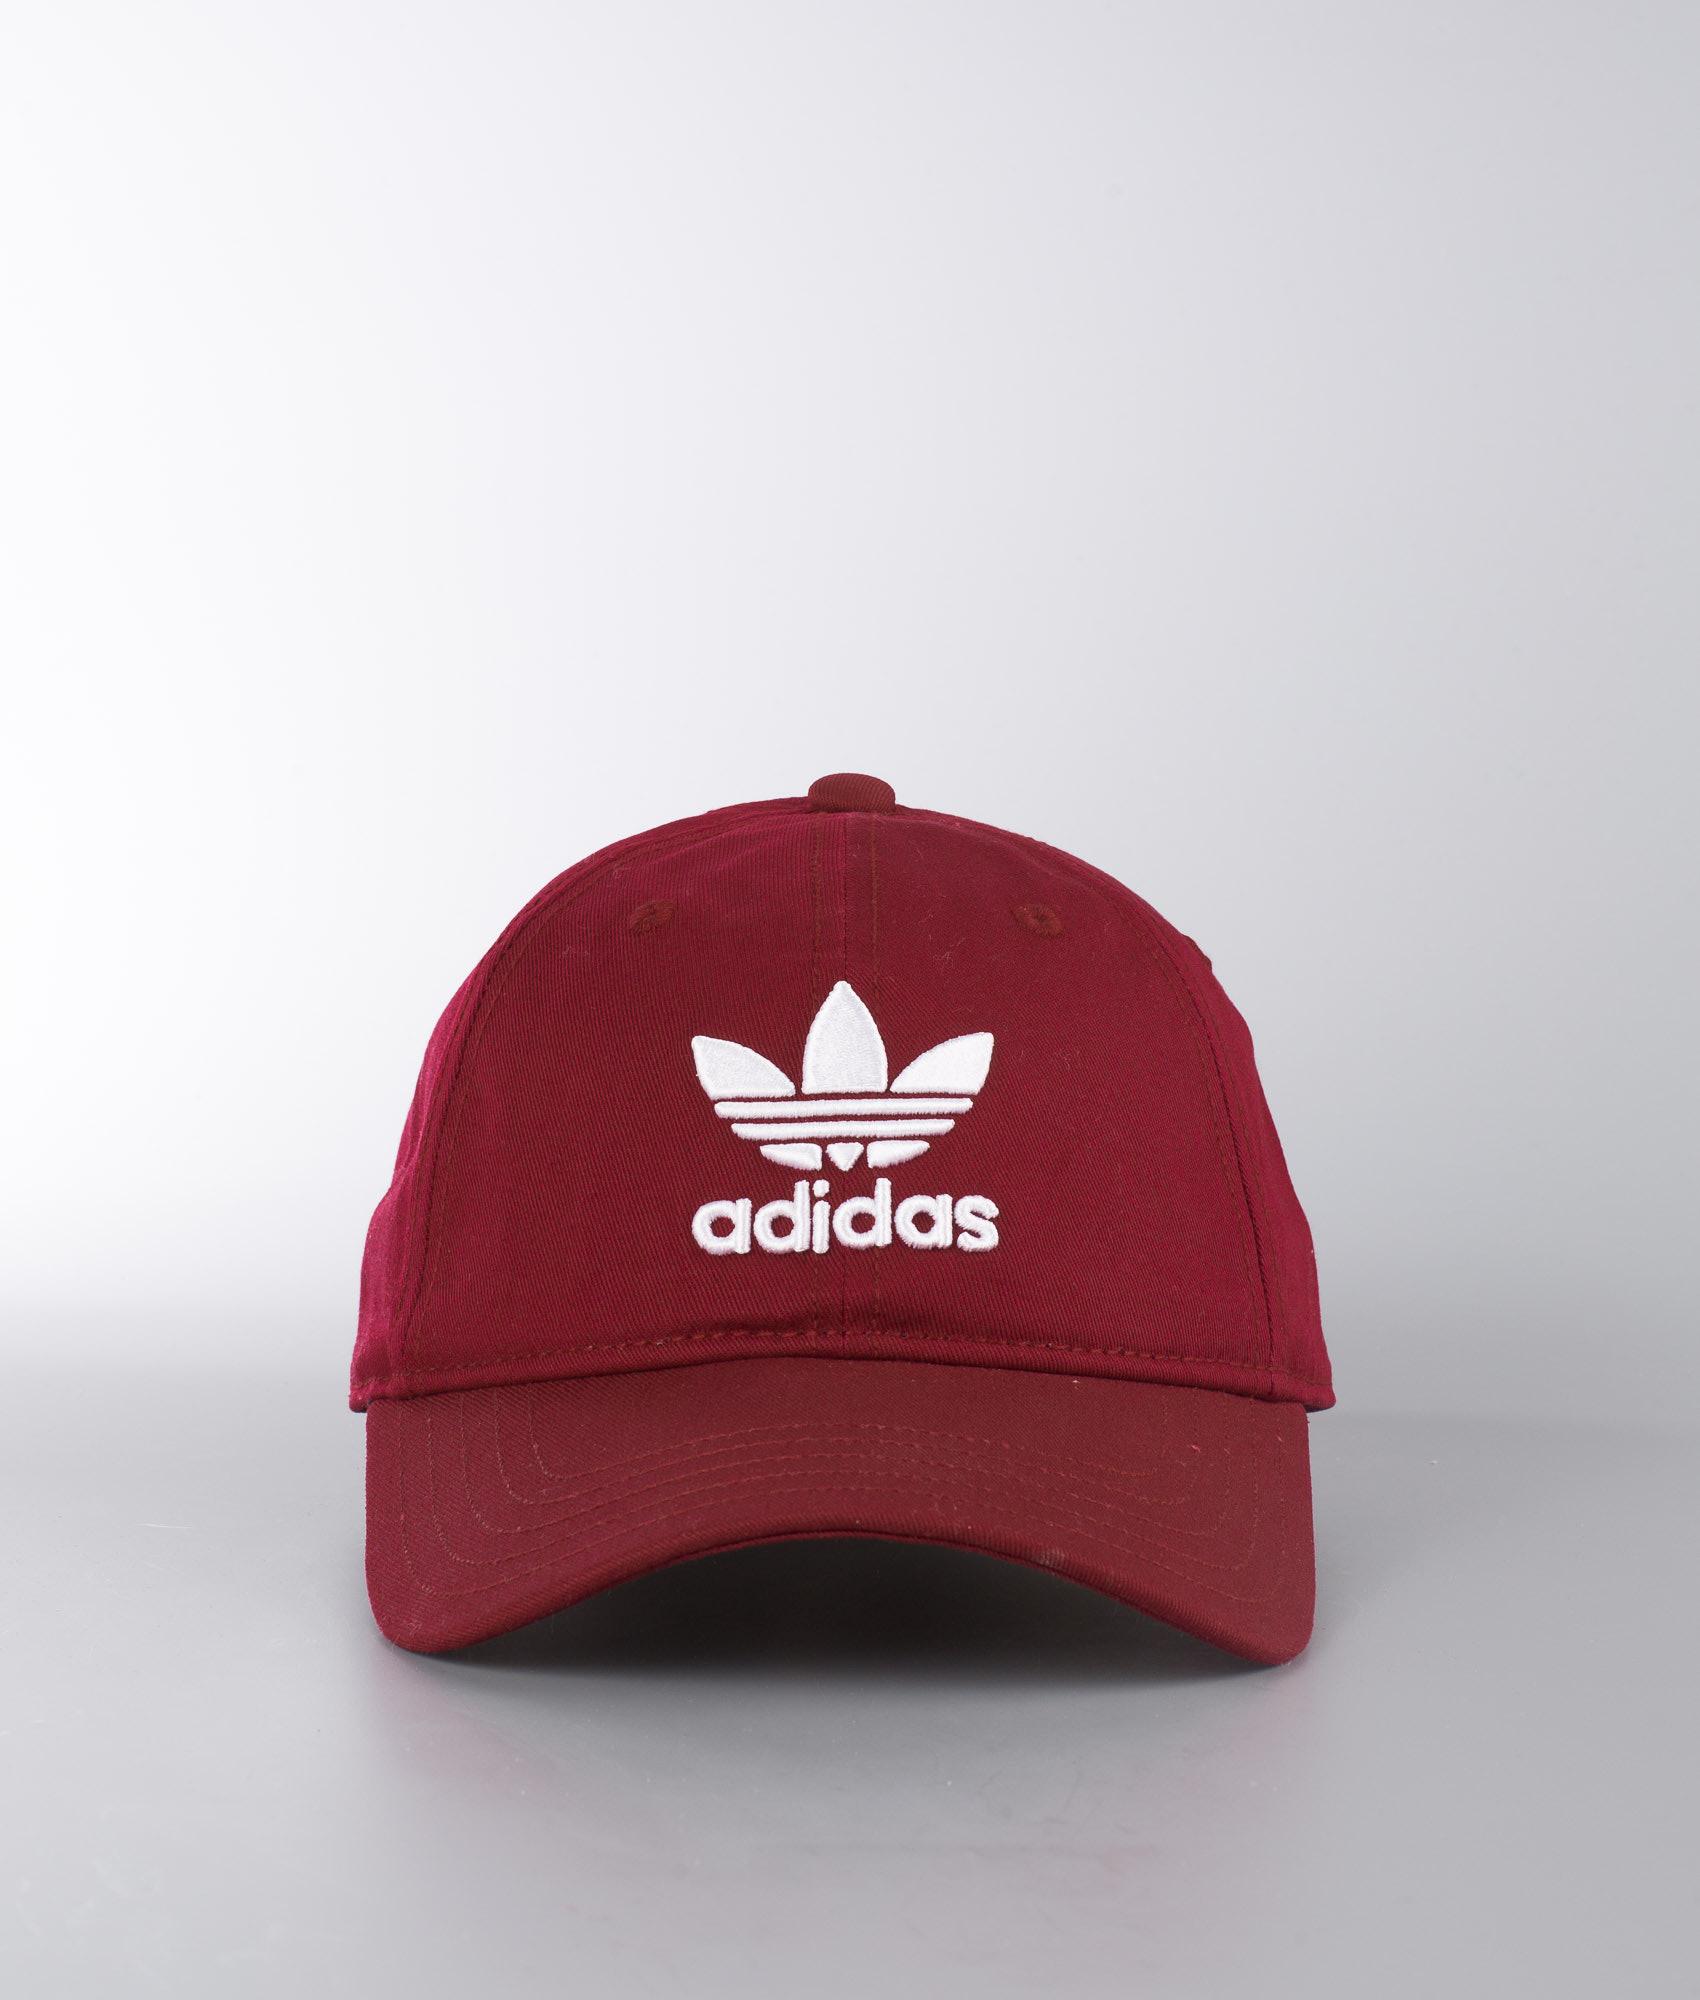 d0eef8c07d9 Adidas Originals Trefoil Cap Collegiate Burgundy - Ridestore.com